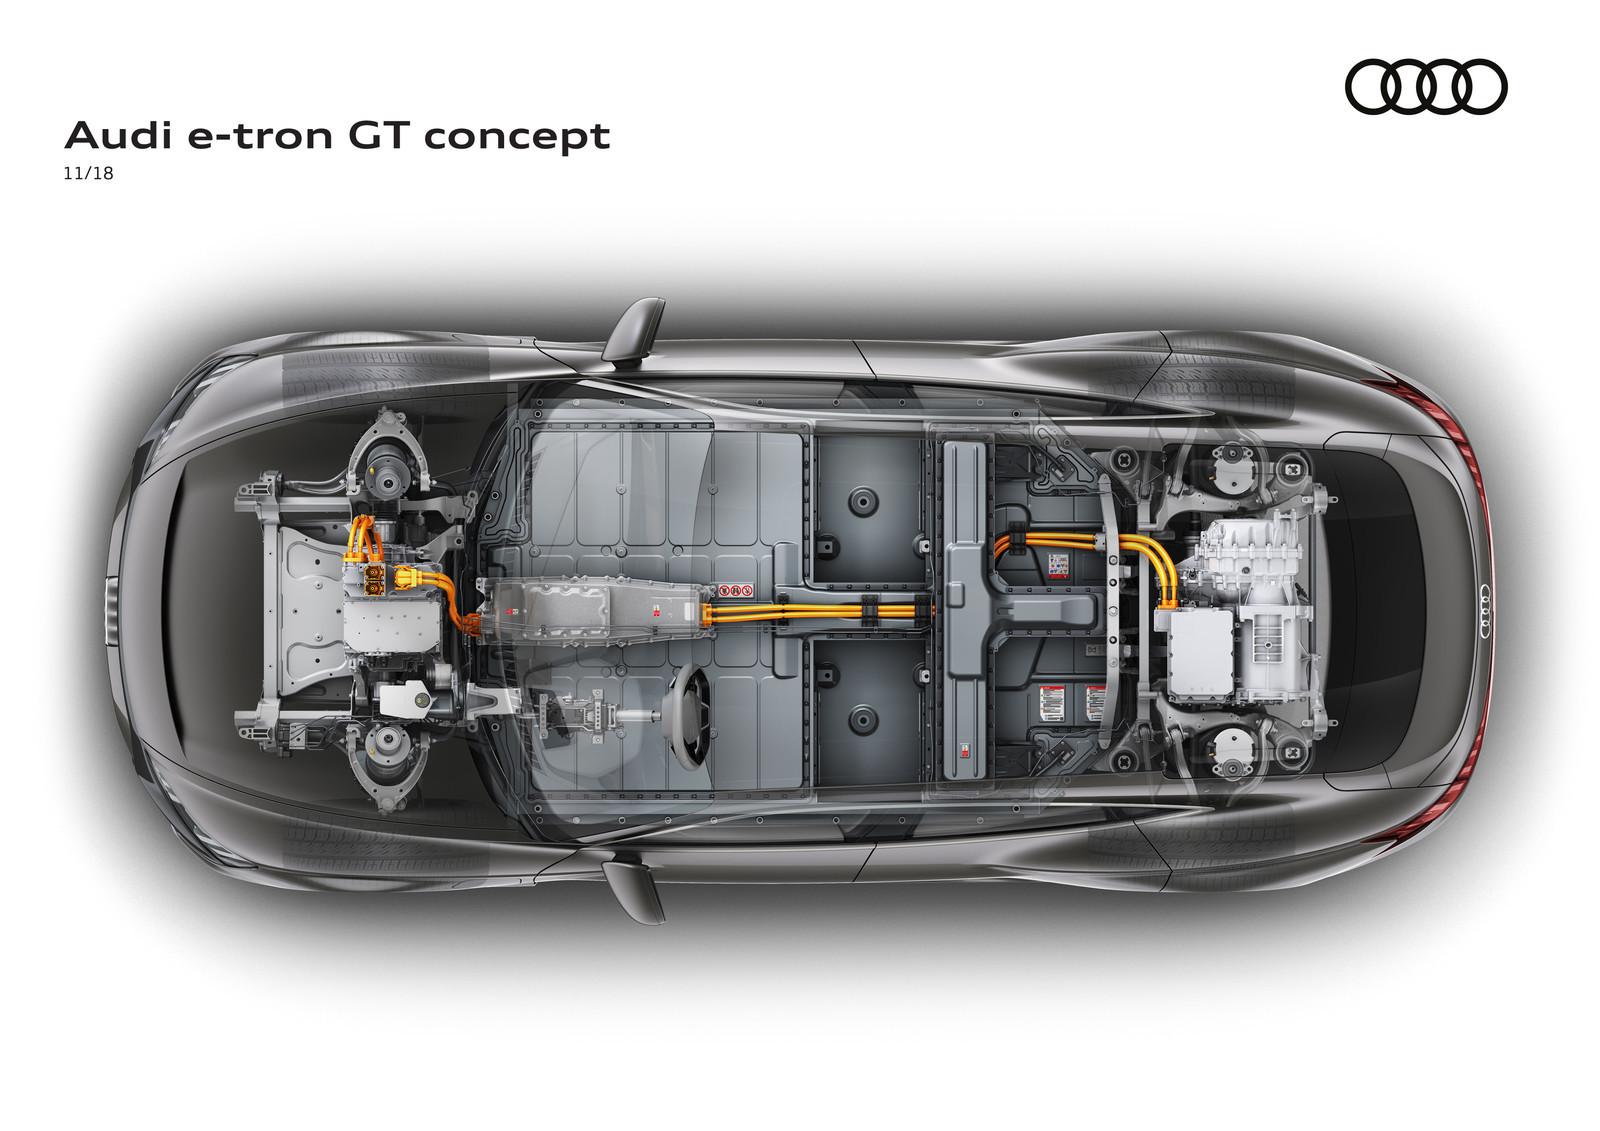 Foto de Audi e-tron GT concept 2018 (12/55)